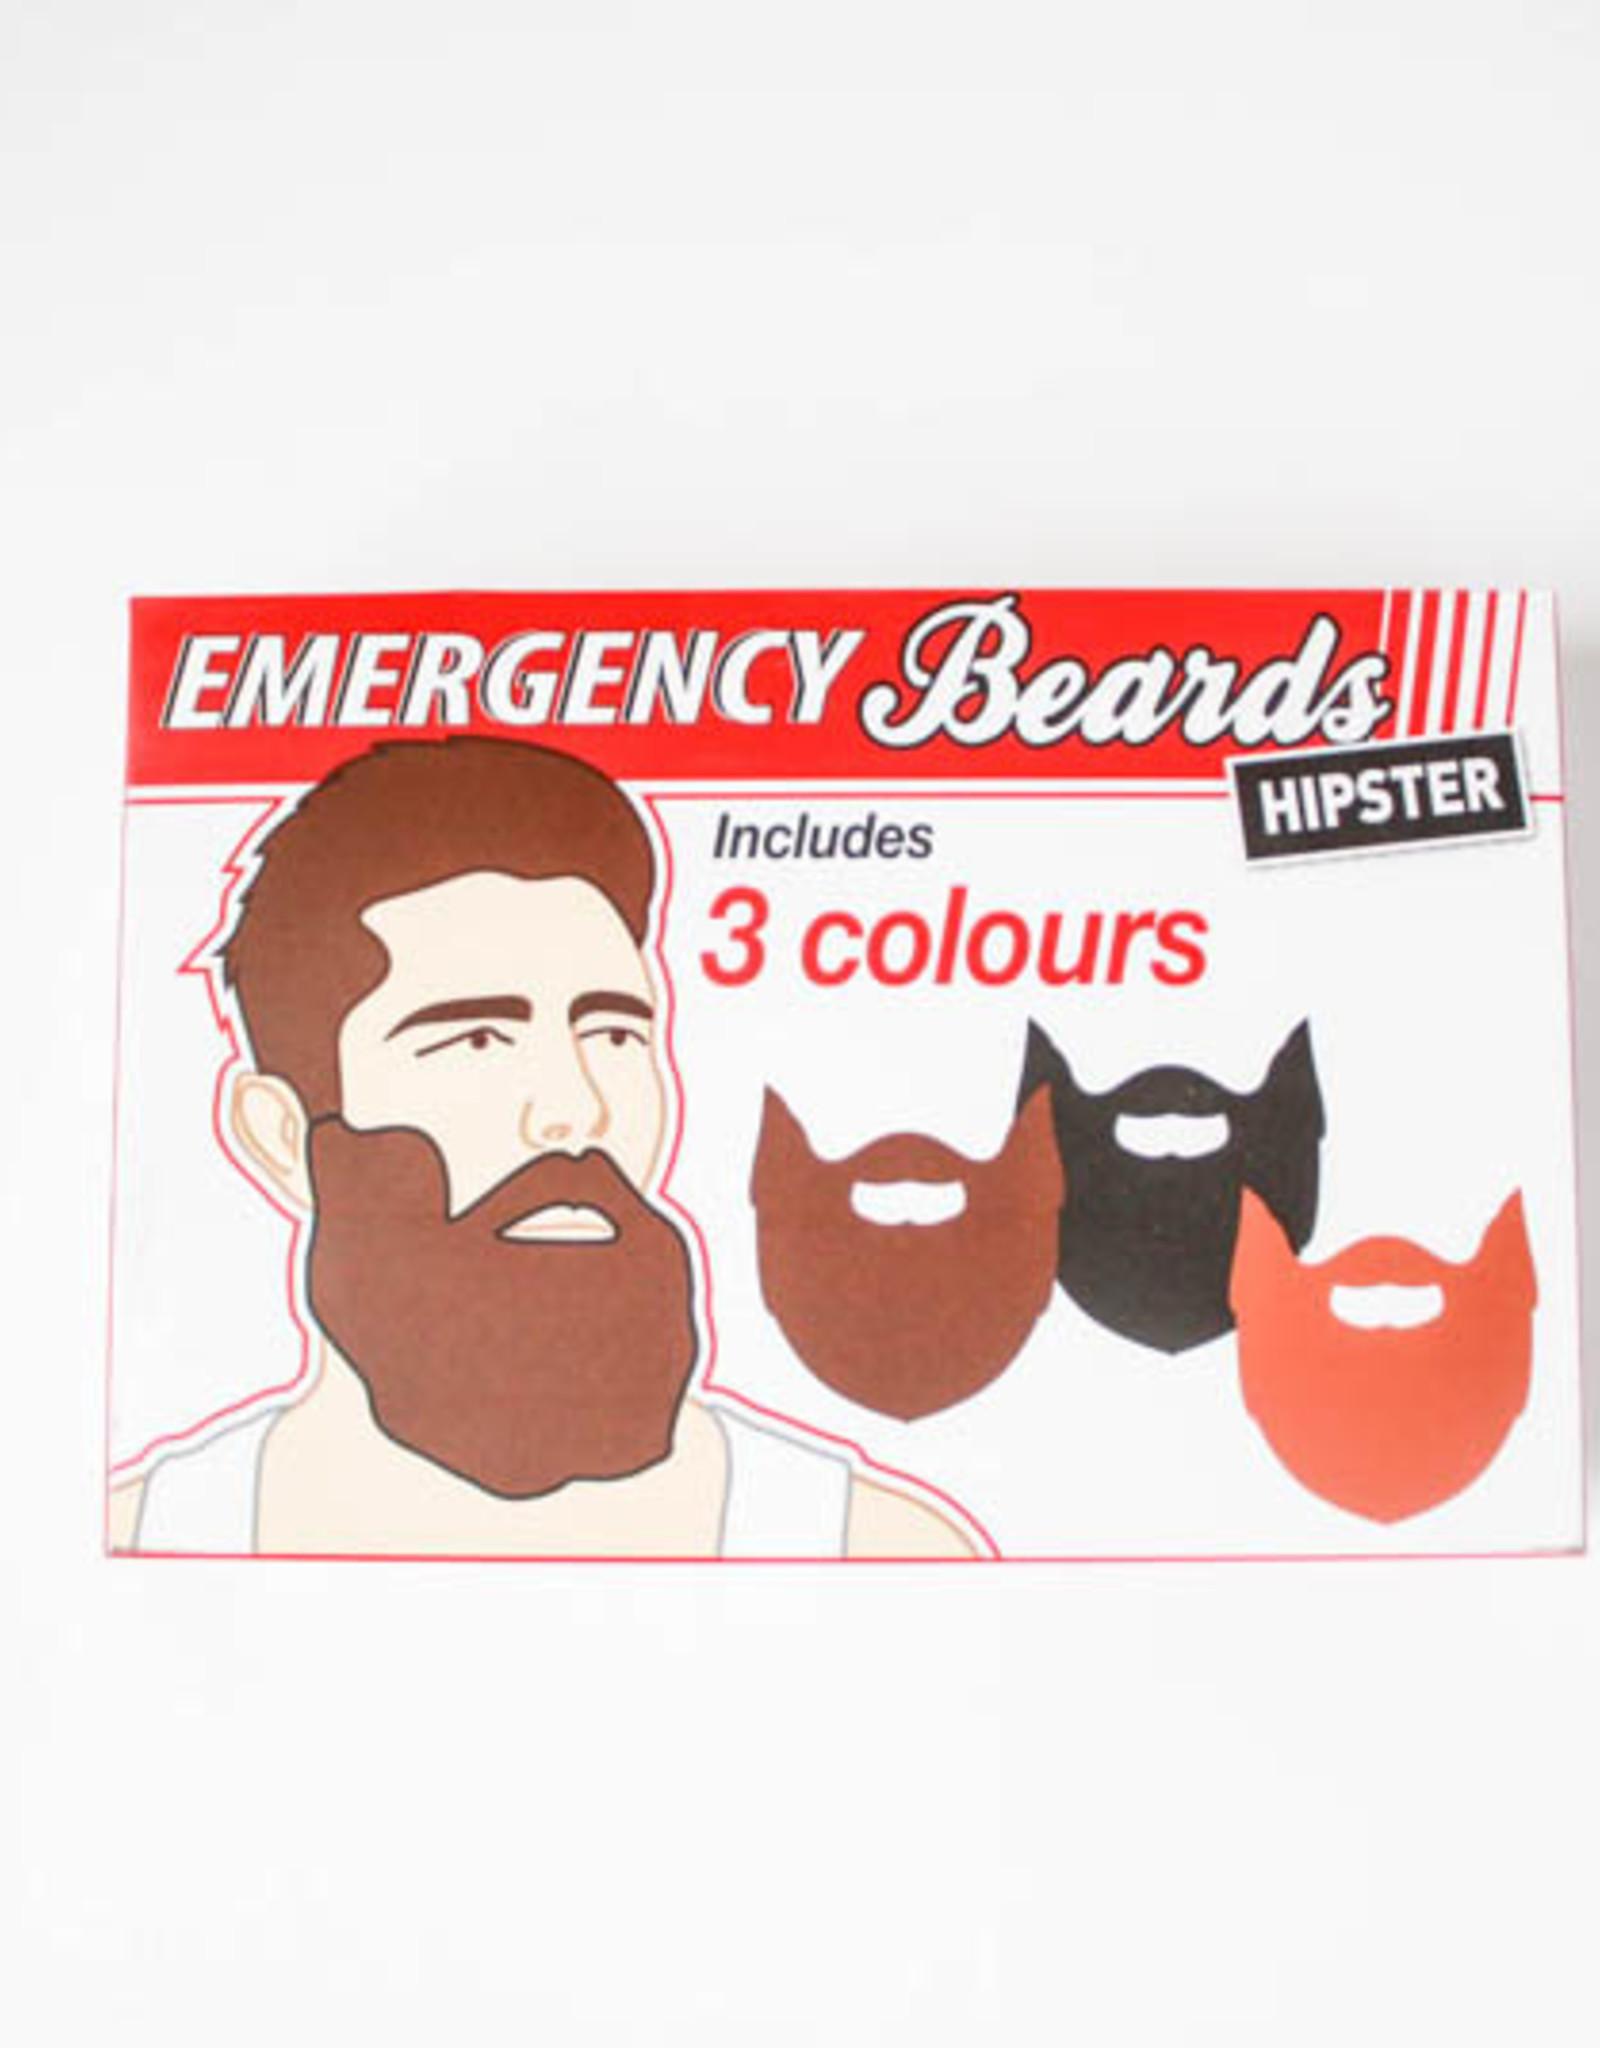 Emergency Beard